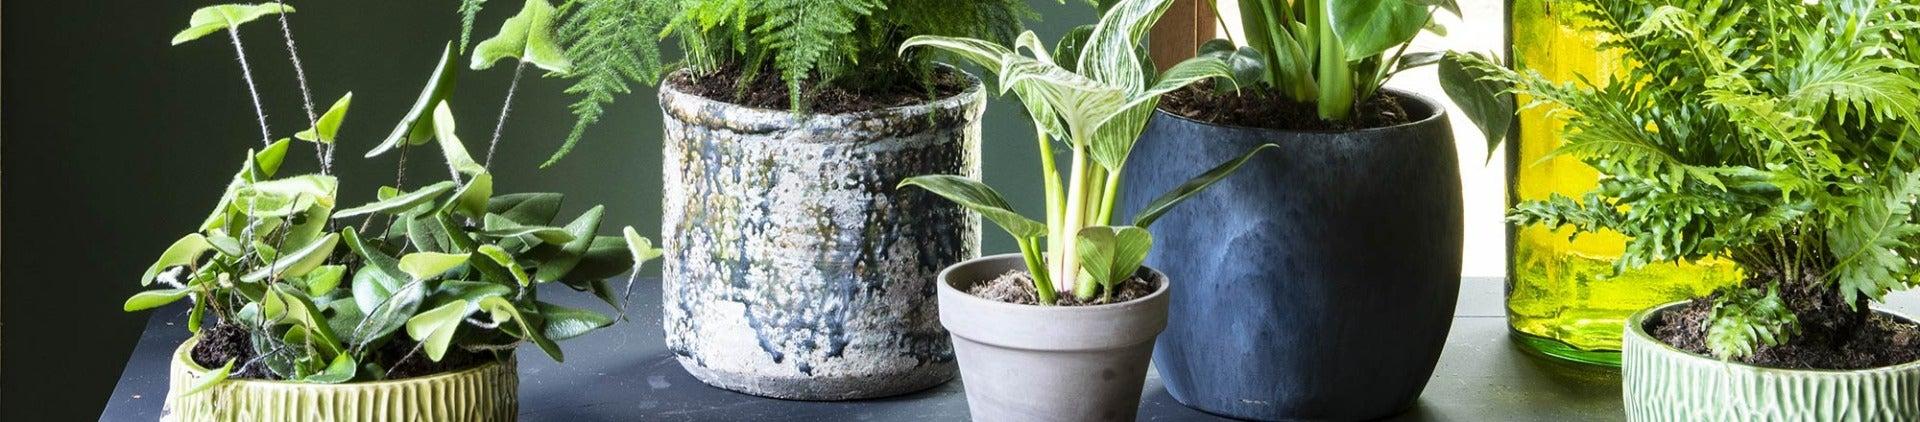 Kamerplantencursus: Kamerplanten in pot